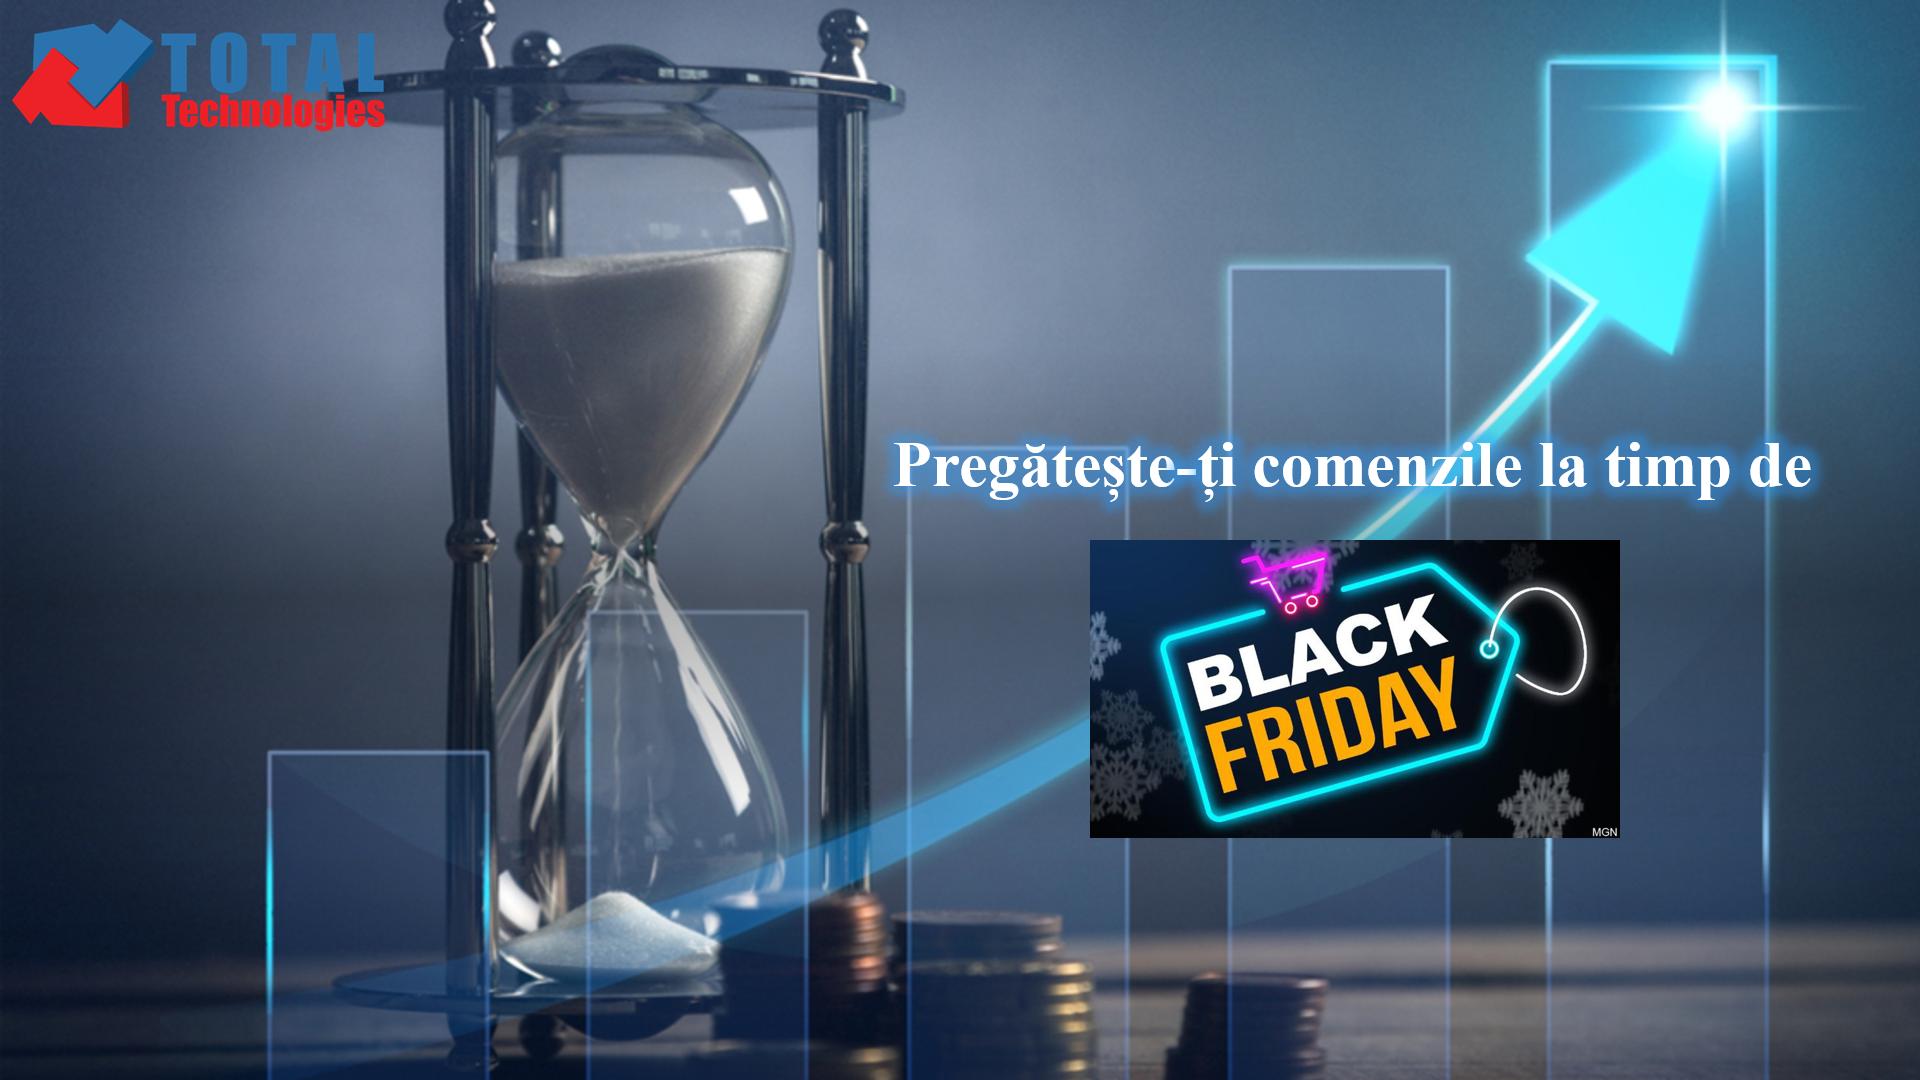 Total Technologies<sup>®</sup>, alături de tine de Black Friday! Nu mai e mult, fii pregătit!